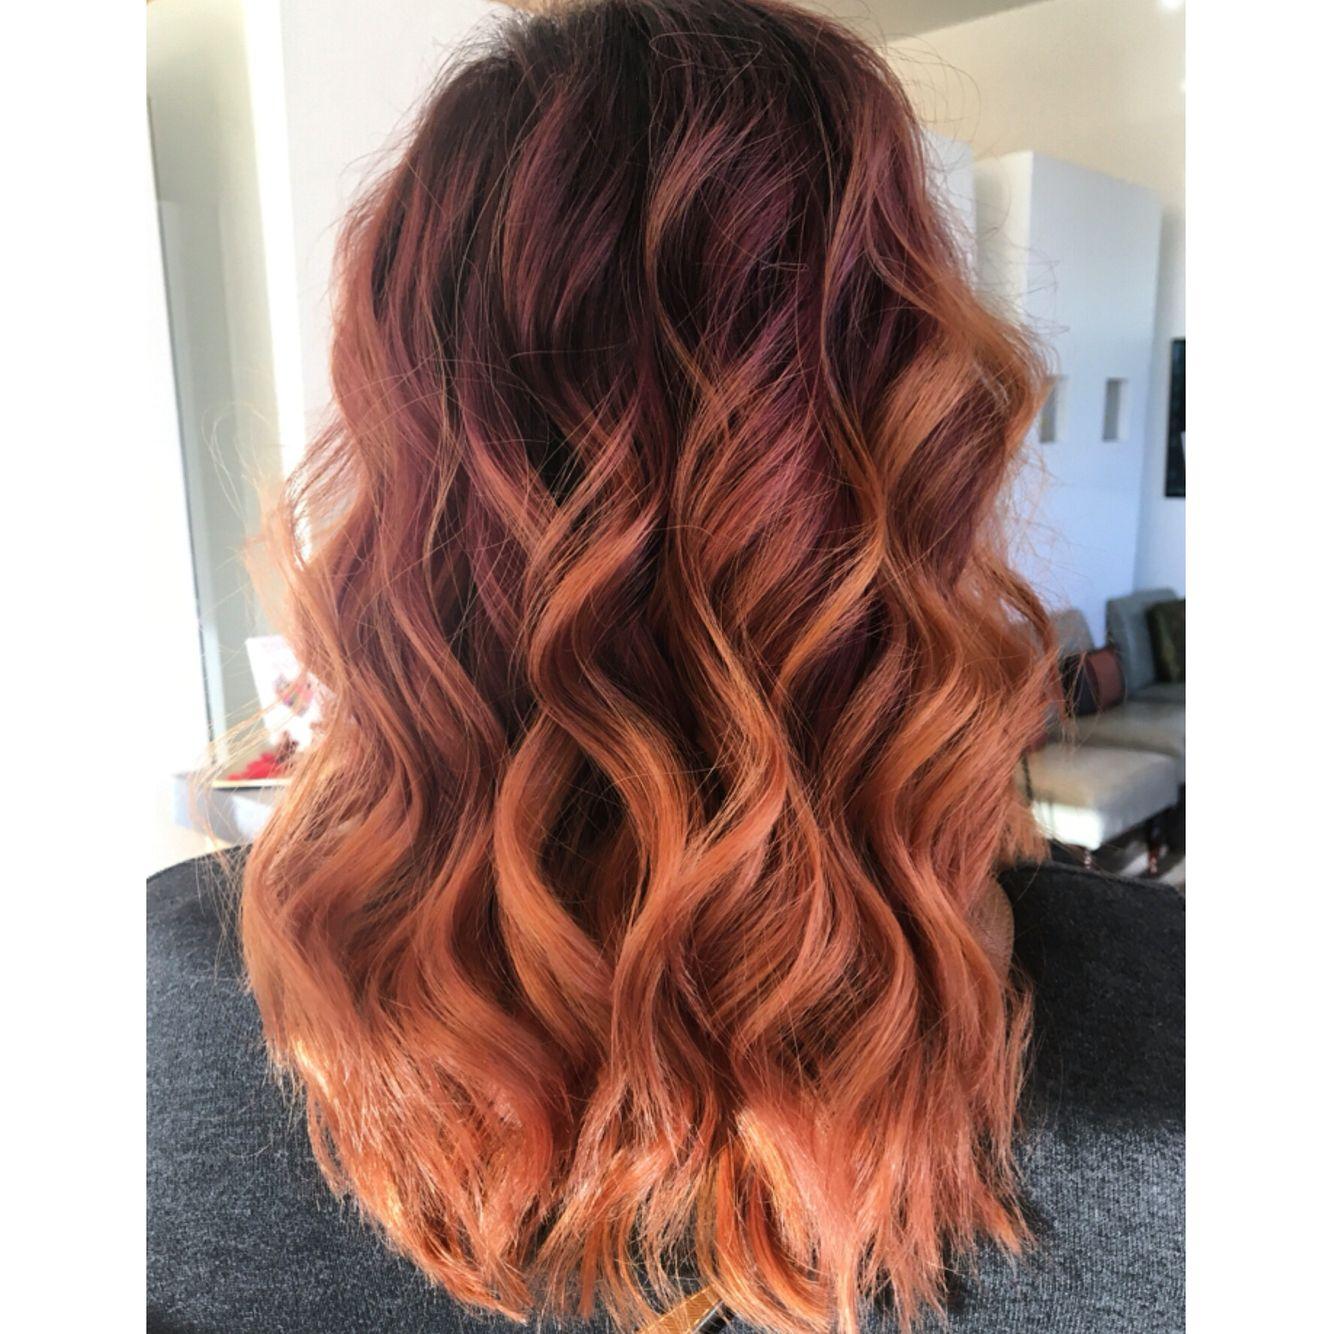 This Hair Pinterest Cabello Pelo rizado and Pelo rojo